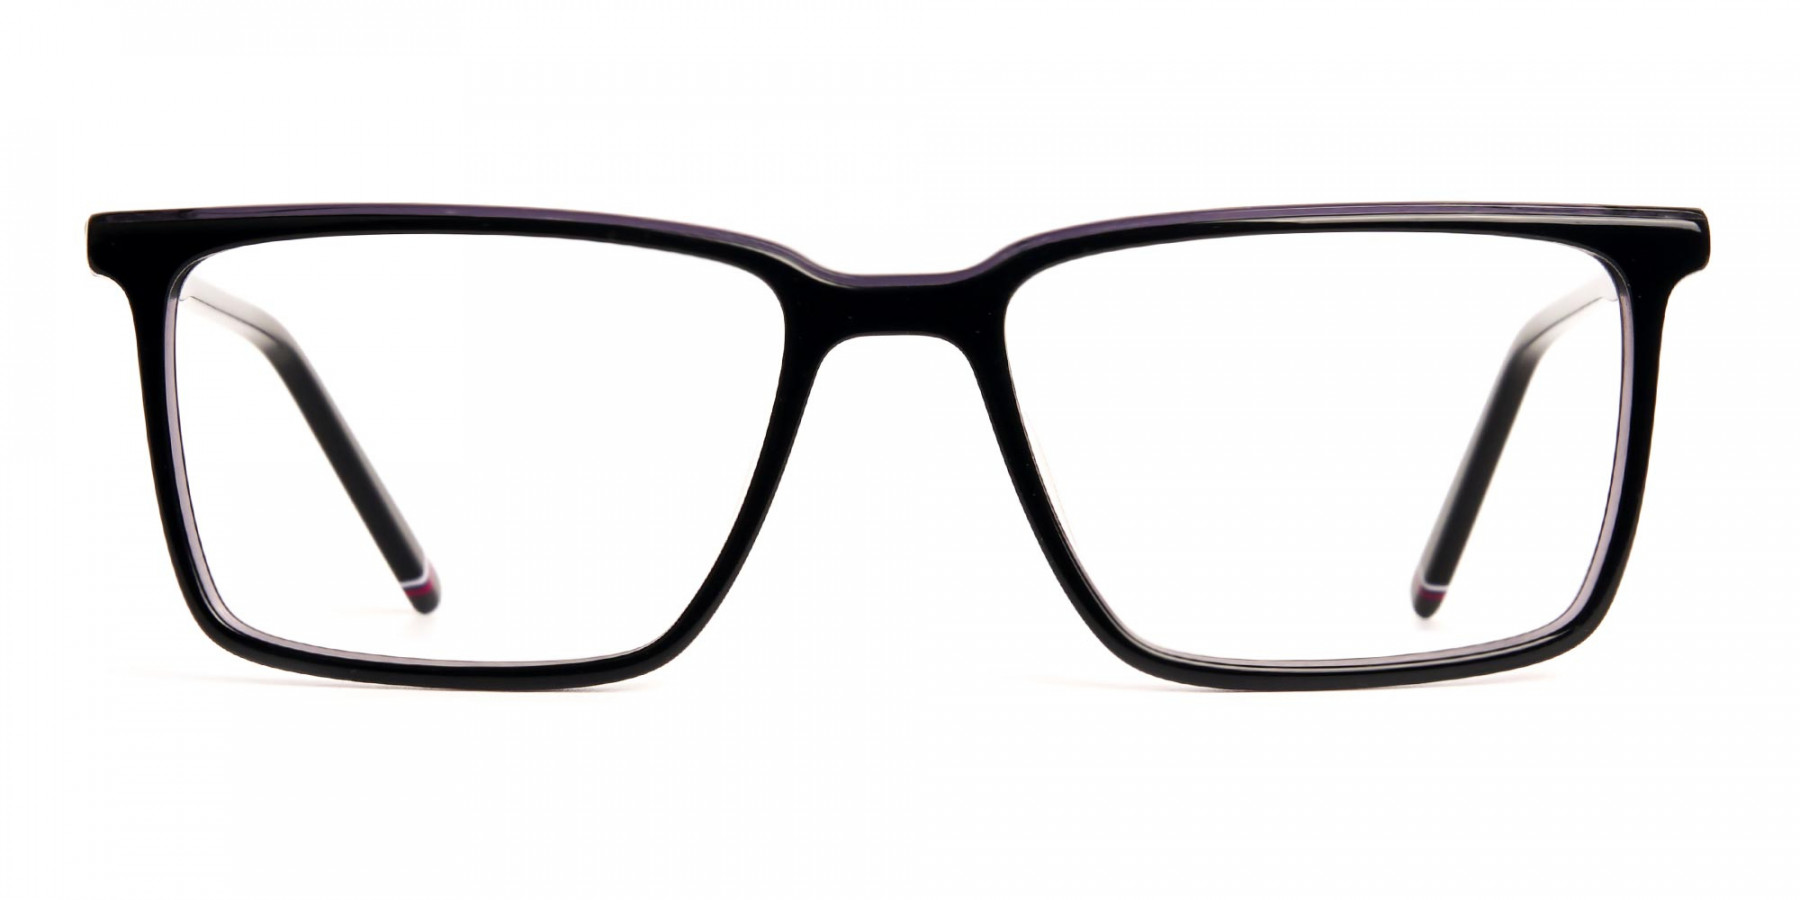 dark-purple-rectangular-full-rim-glasses-frames-1